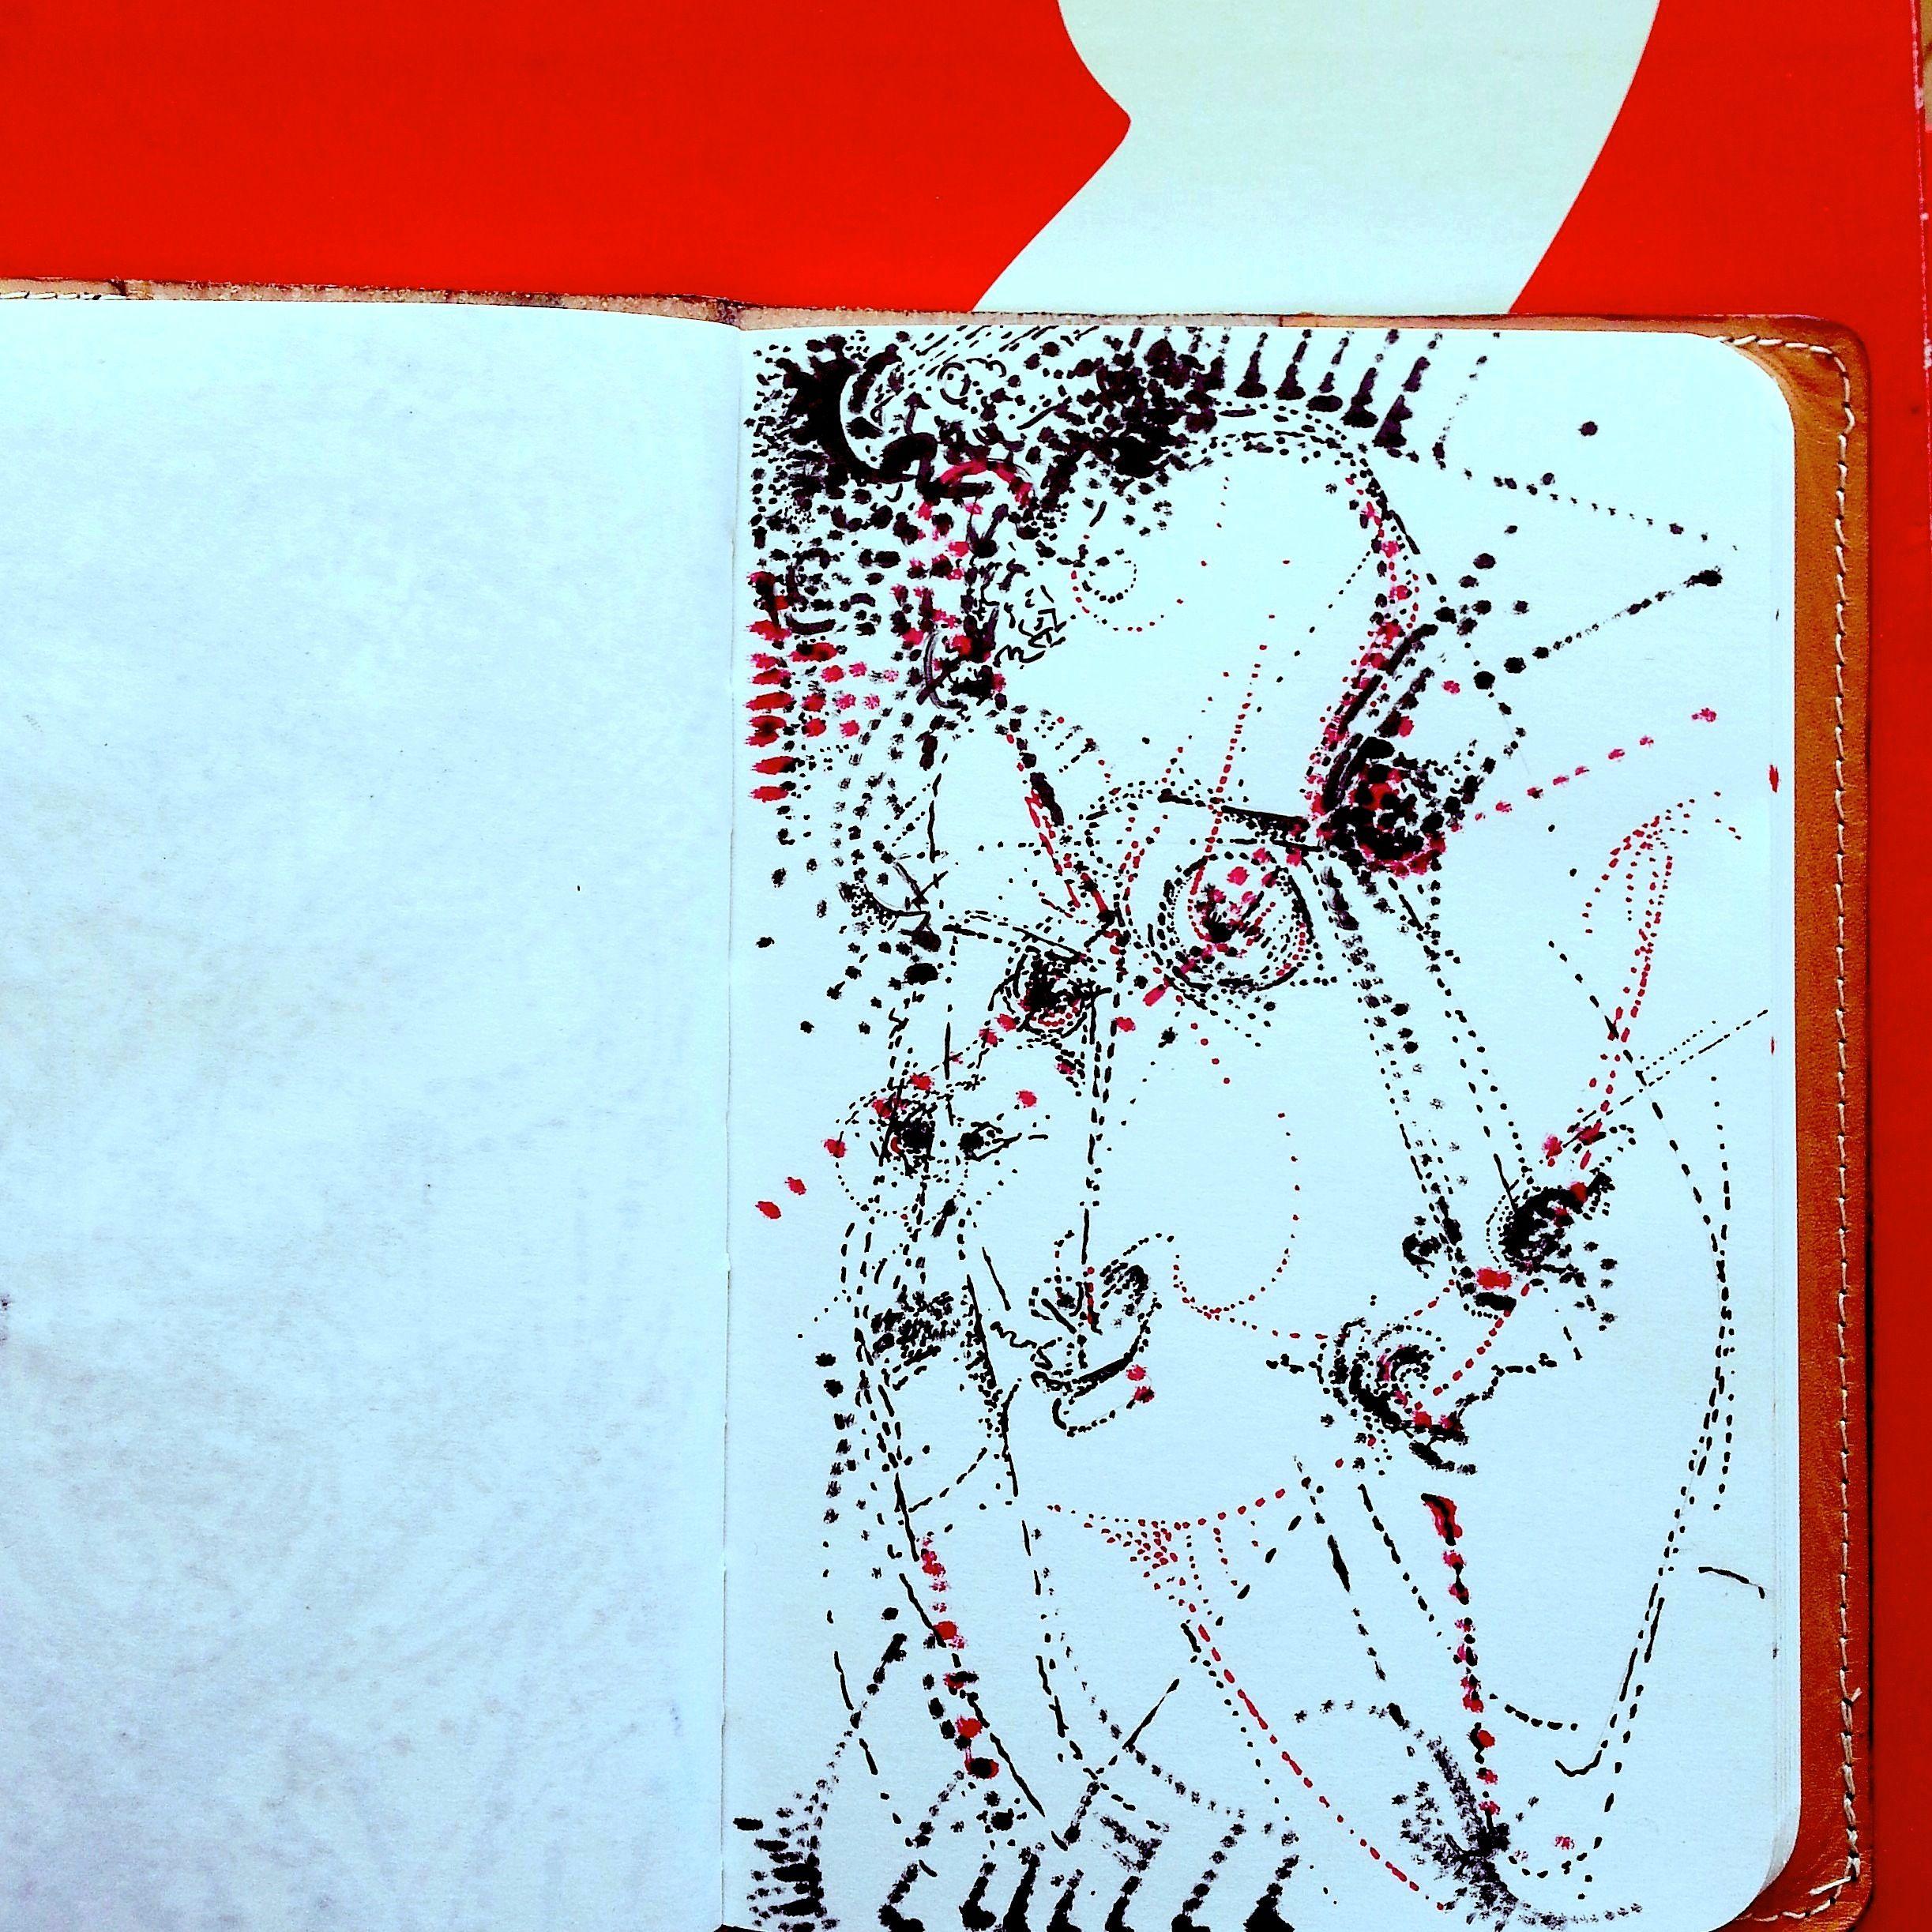 Comedian Alex Nussbaum, ink on paper, April 2015, by MYS. #alexnussbaum #mys #tangentialism